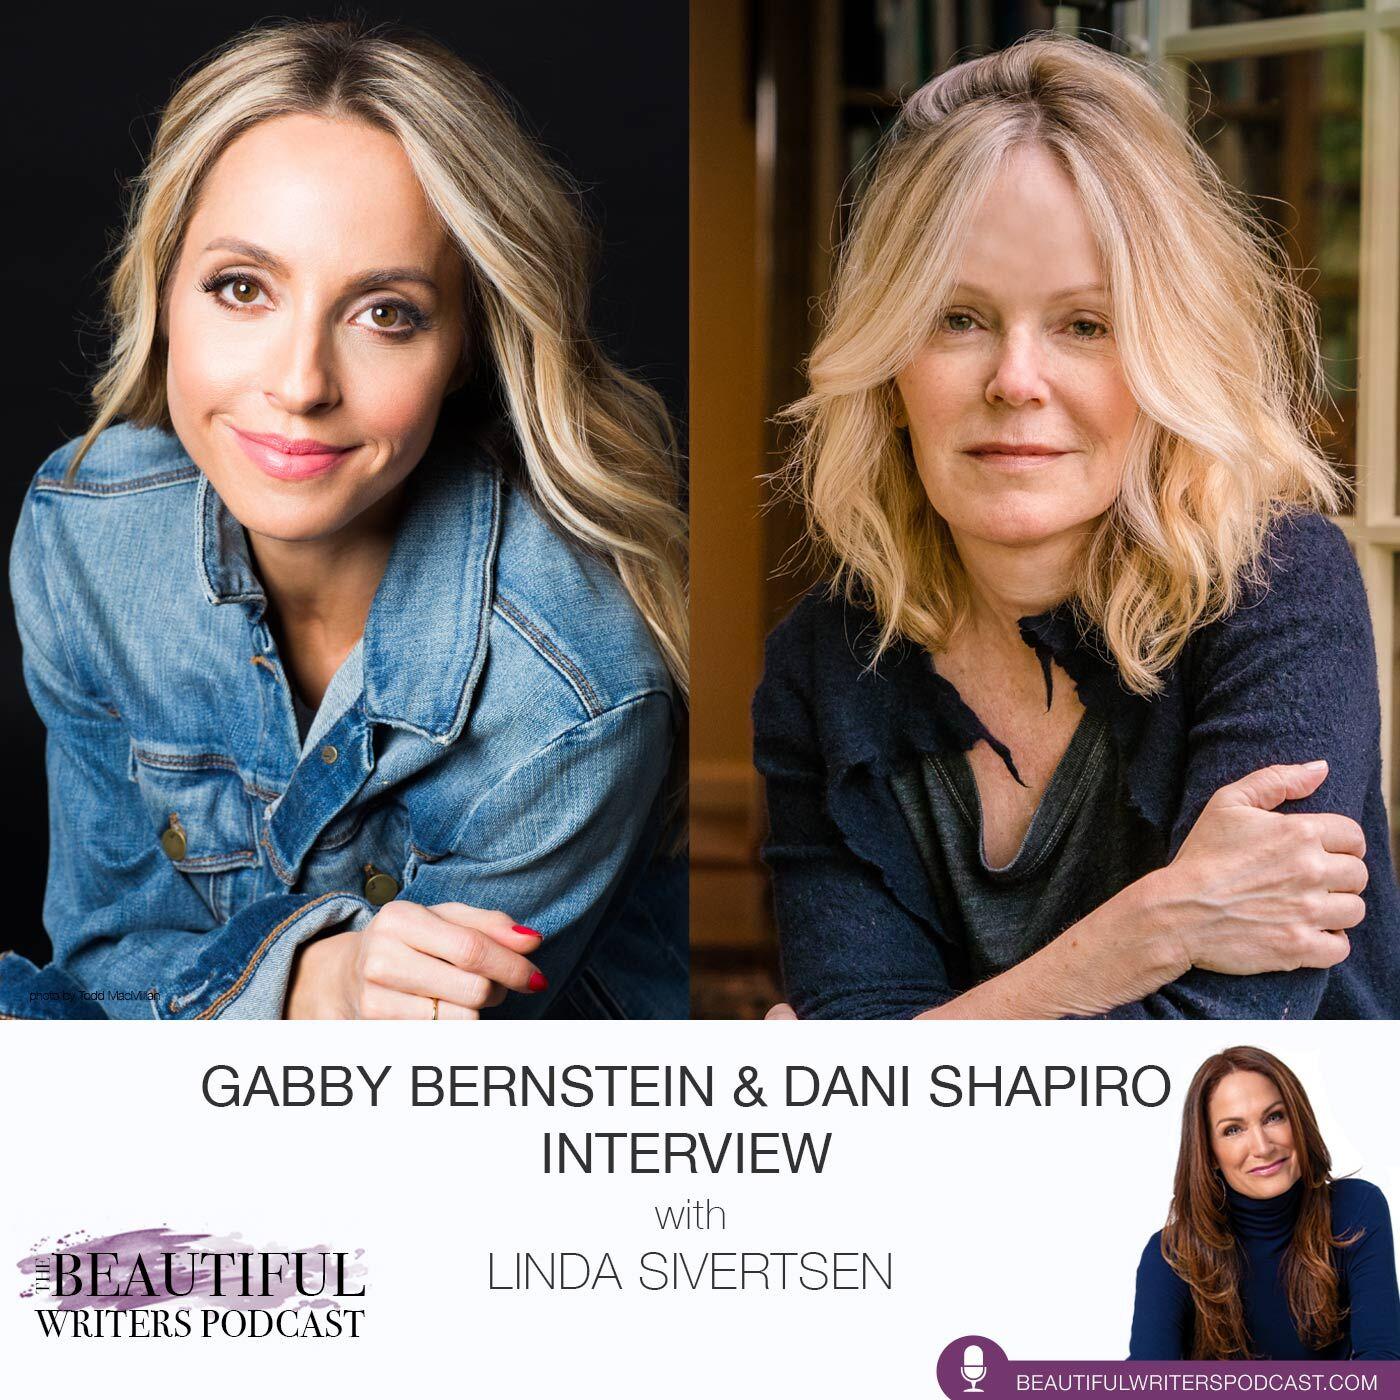 Dani Shapiro & Gabby Bernstein: Divine Duo